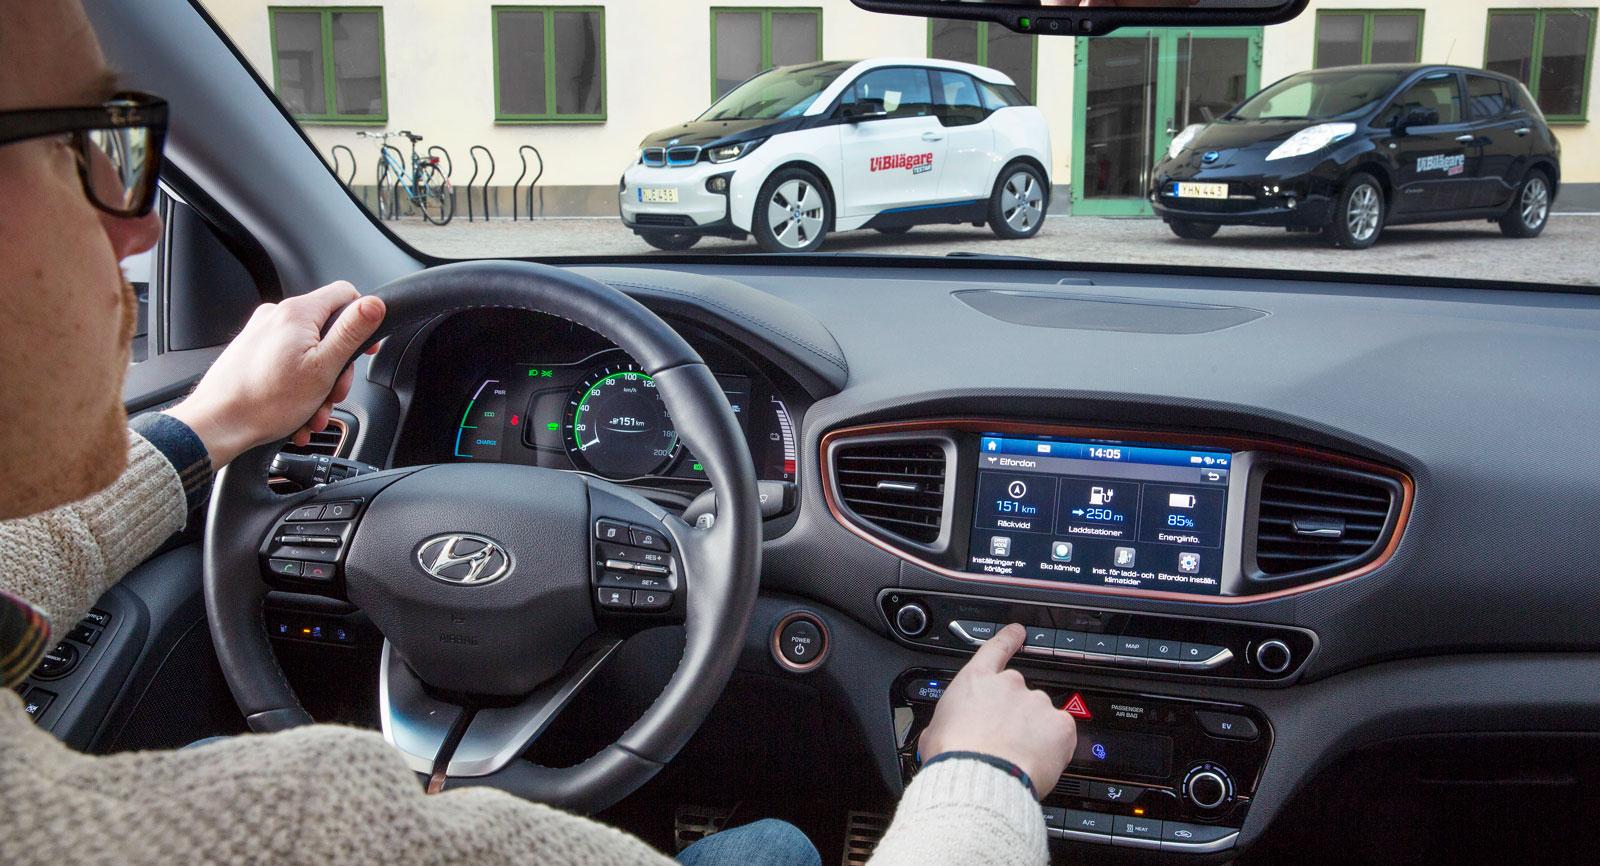 BMW i3 och Nissan Leaf har en design som sticker ut från övriga den bilfloran. Hyundai Ioniq utmärker sig bland elbilarna med att kännas ovanligt vanlig. Speciellt invändigt.